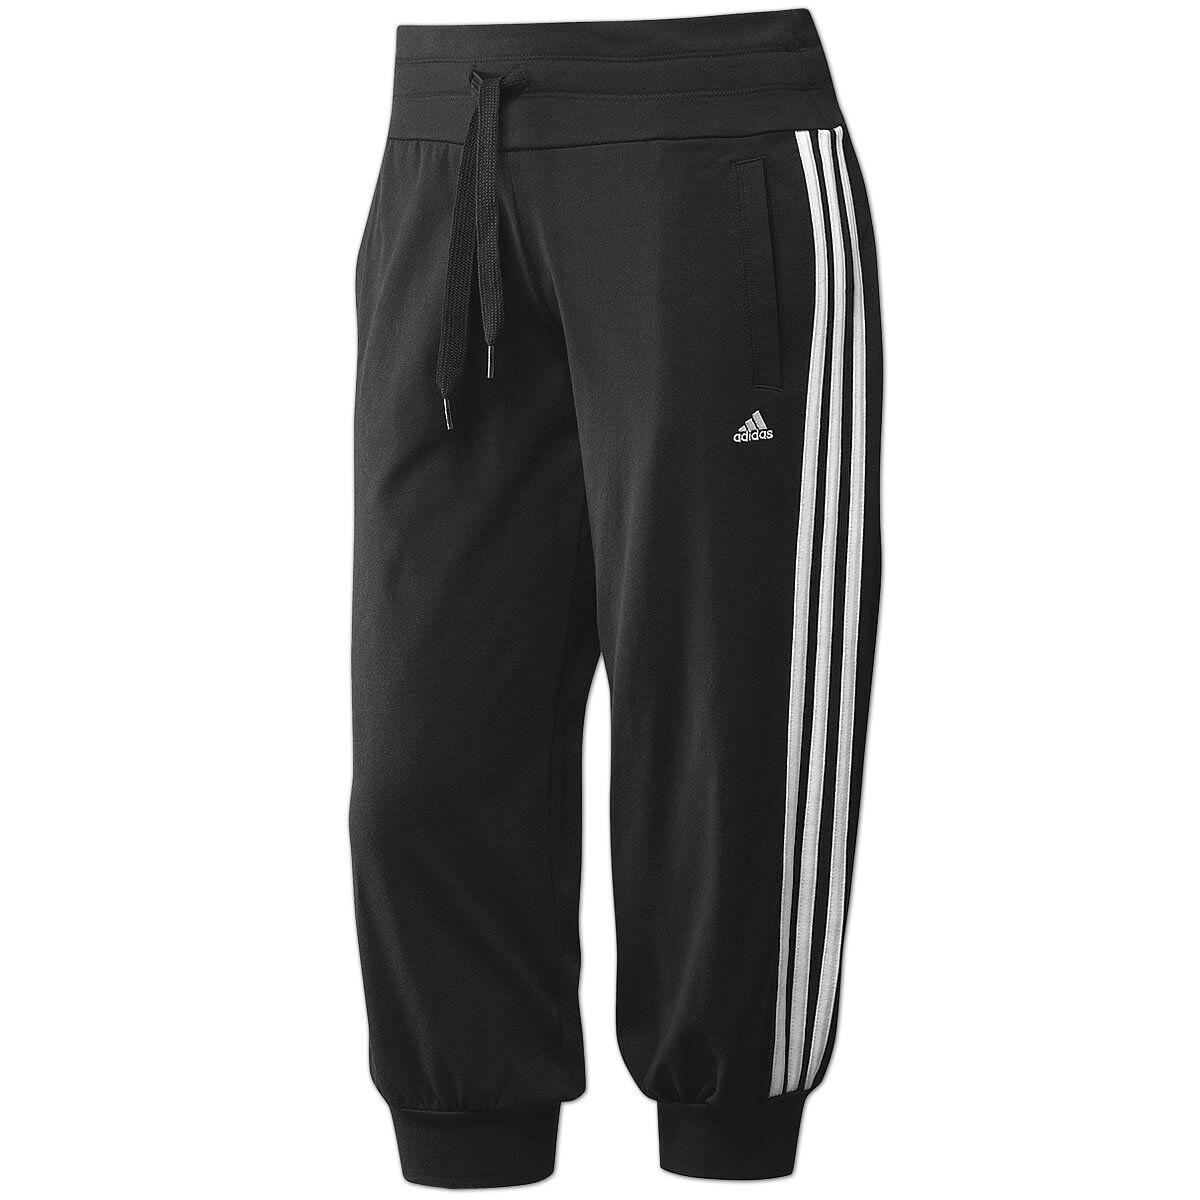 Adidas Damen 3 4 Hose Essentials 3-Streifen Capri Pant Freizeithose schwarz-weiß